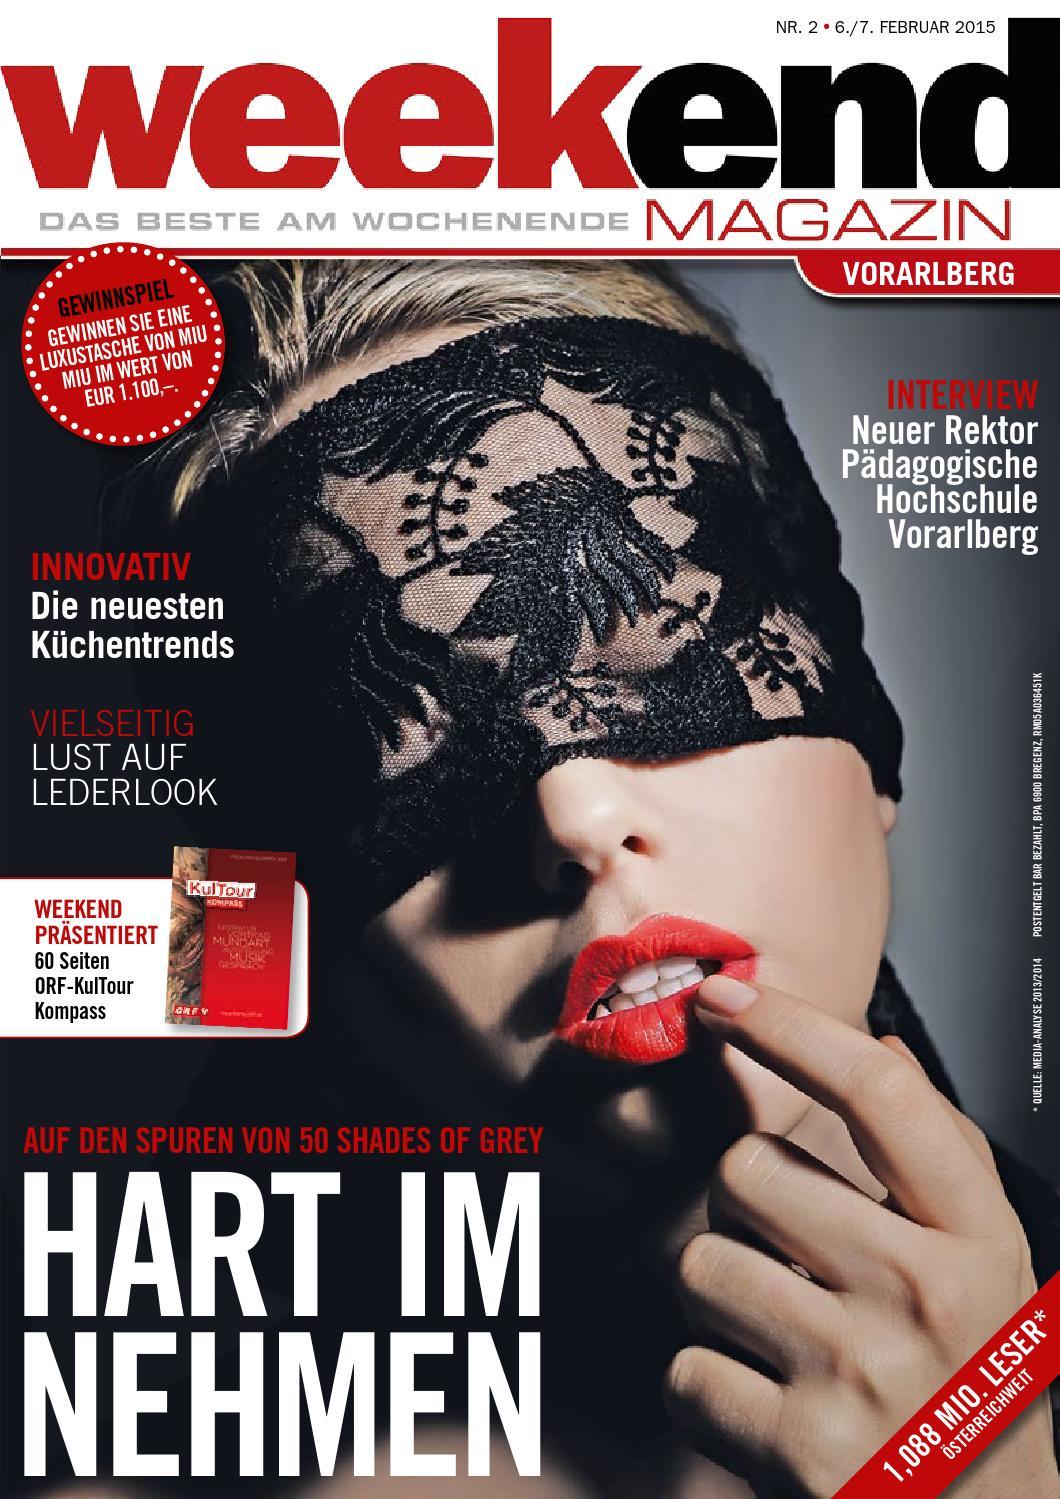 Groß Küchentrends Magazin Bilder - Ideen Für Die Küche Dekoration ...